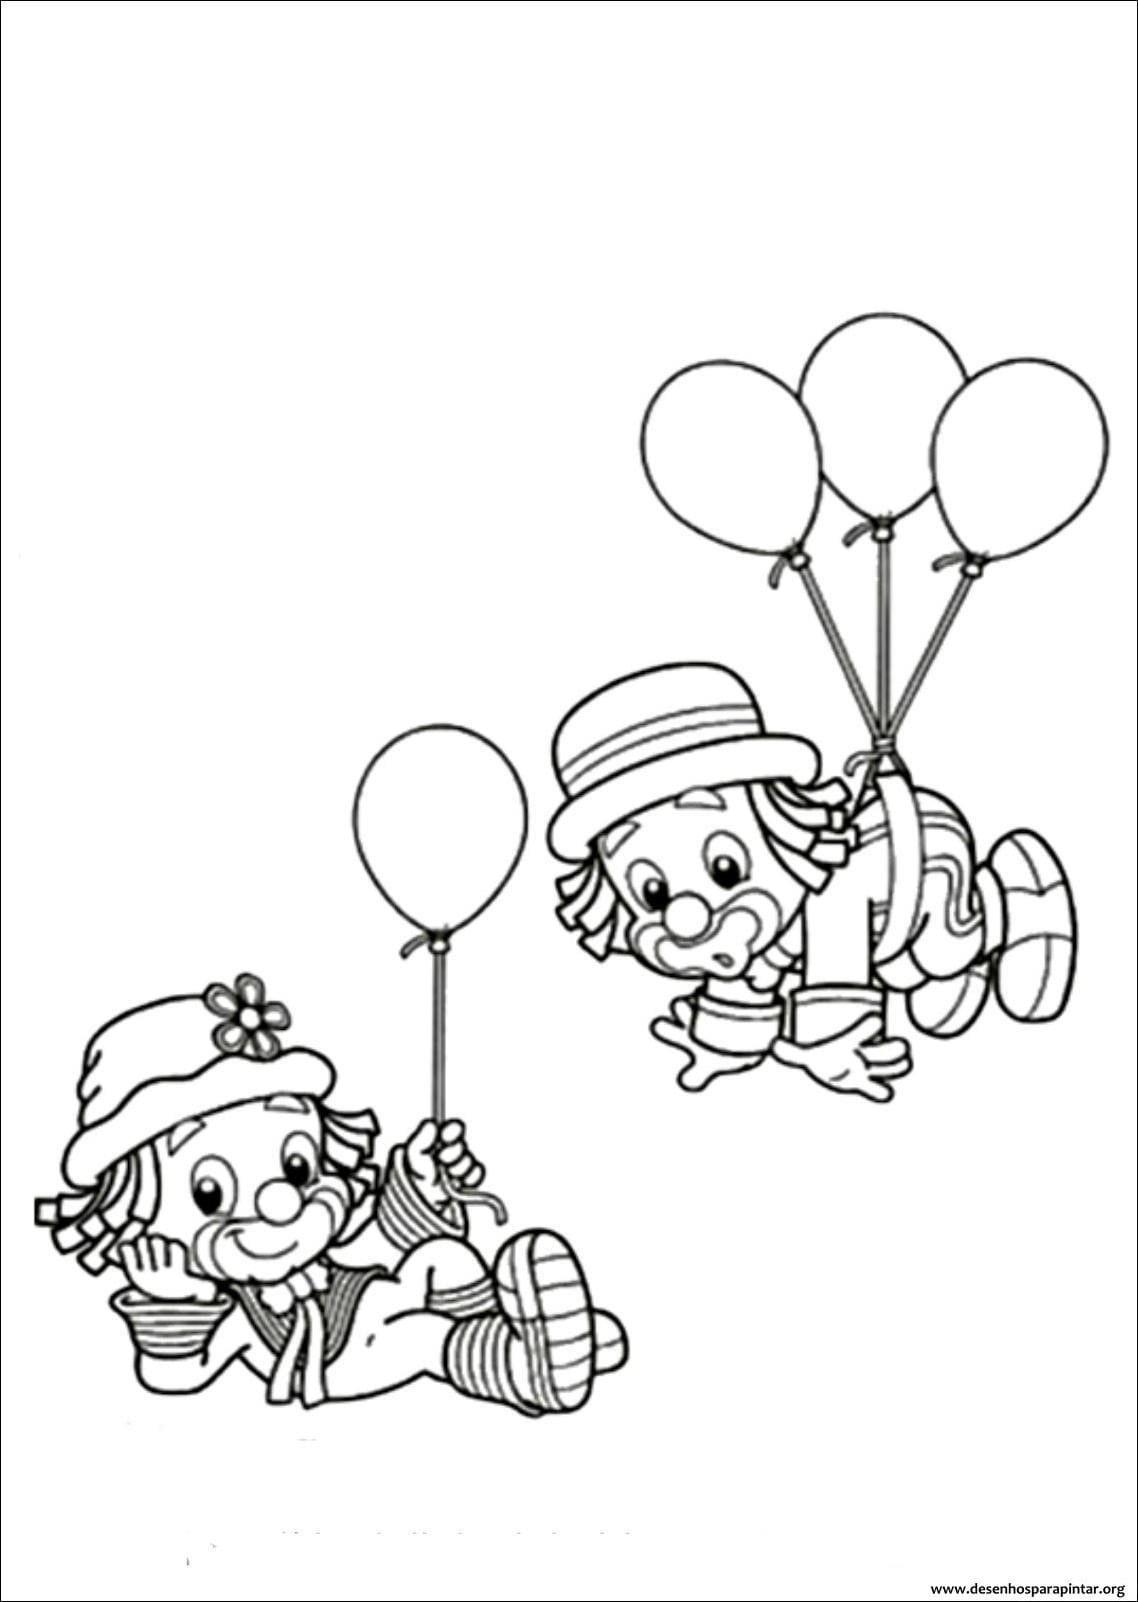 Patati E Patatá Desenhos Para Imprimir Colorir E Pintar » Desenhos